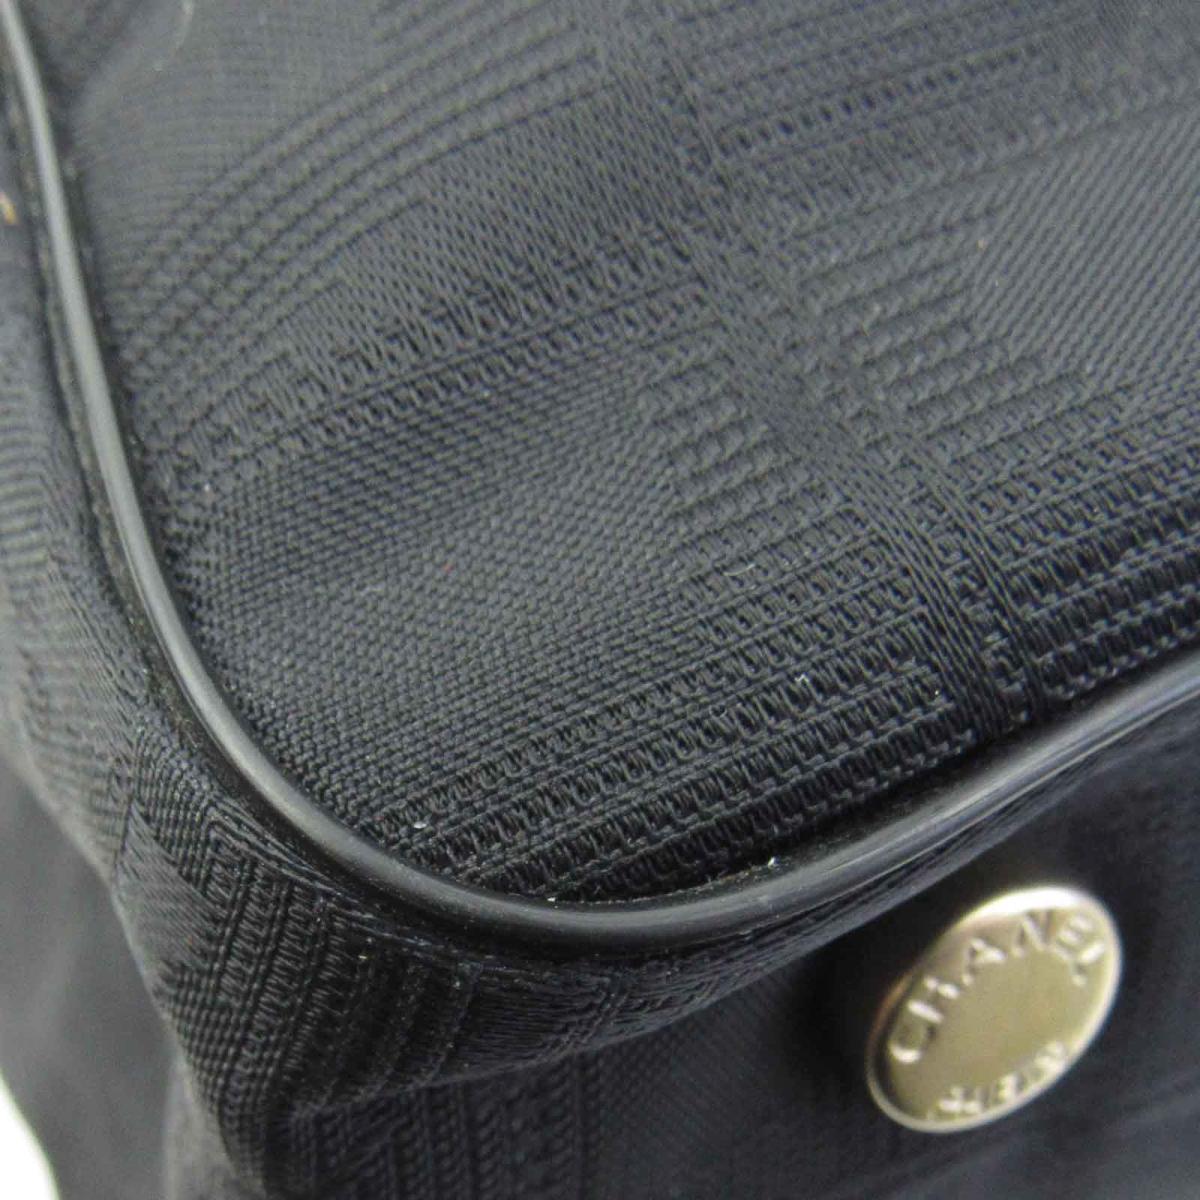 シャネル ニュートラベルライントートPM トートバッグ レディース ナイロンジャガード x レザー ブラックA20457CHANEL BRANDOFF ブランドオフ ブランド ブランドバッグ ブランドバック かばん バッグ バック トートバック トートgyvbf7IY6